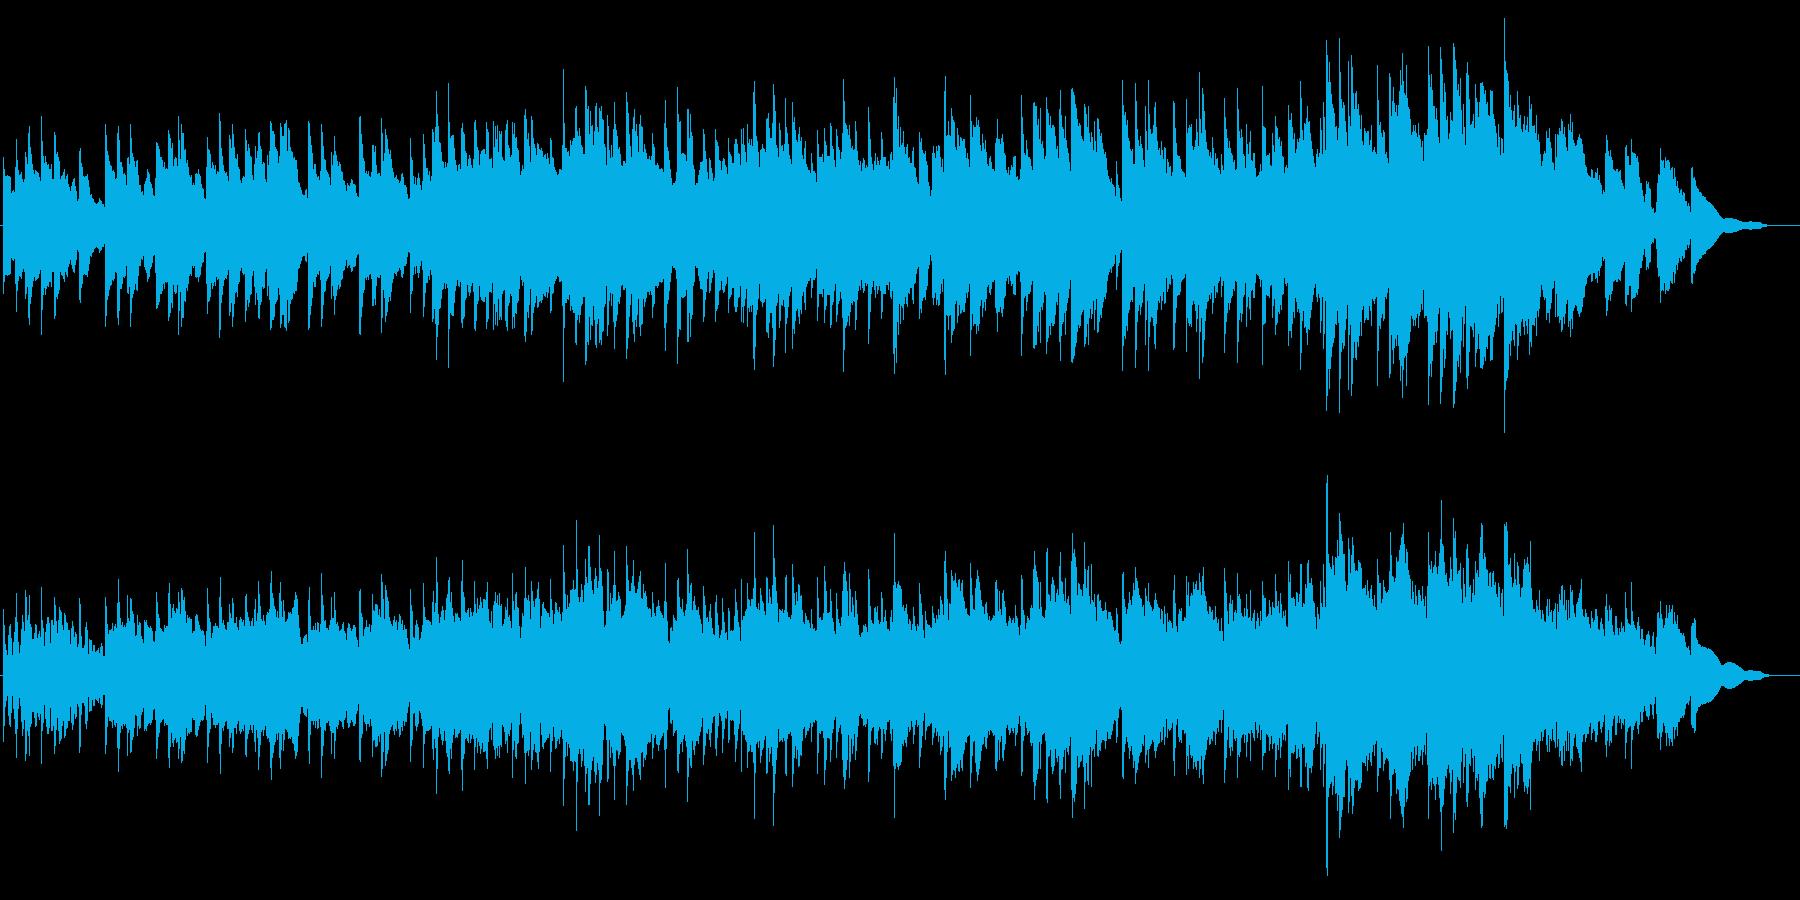 シンセベル音での、ワーグナーの結婚行進曲の再生済みの波形